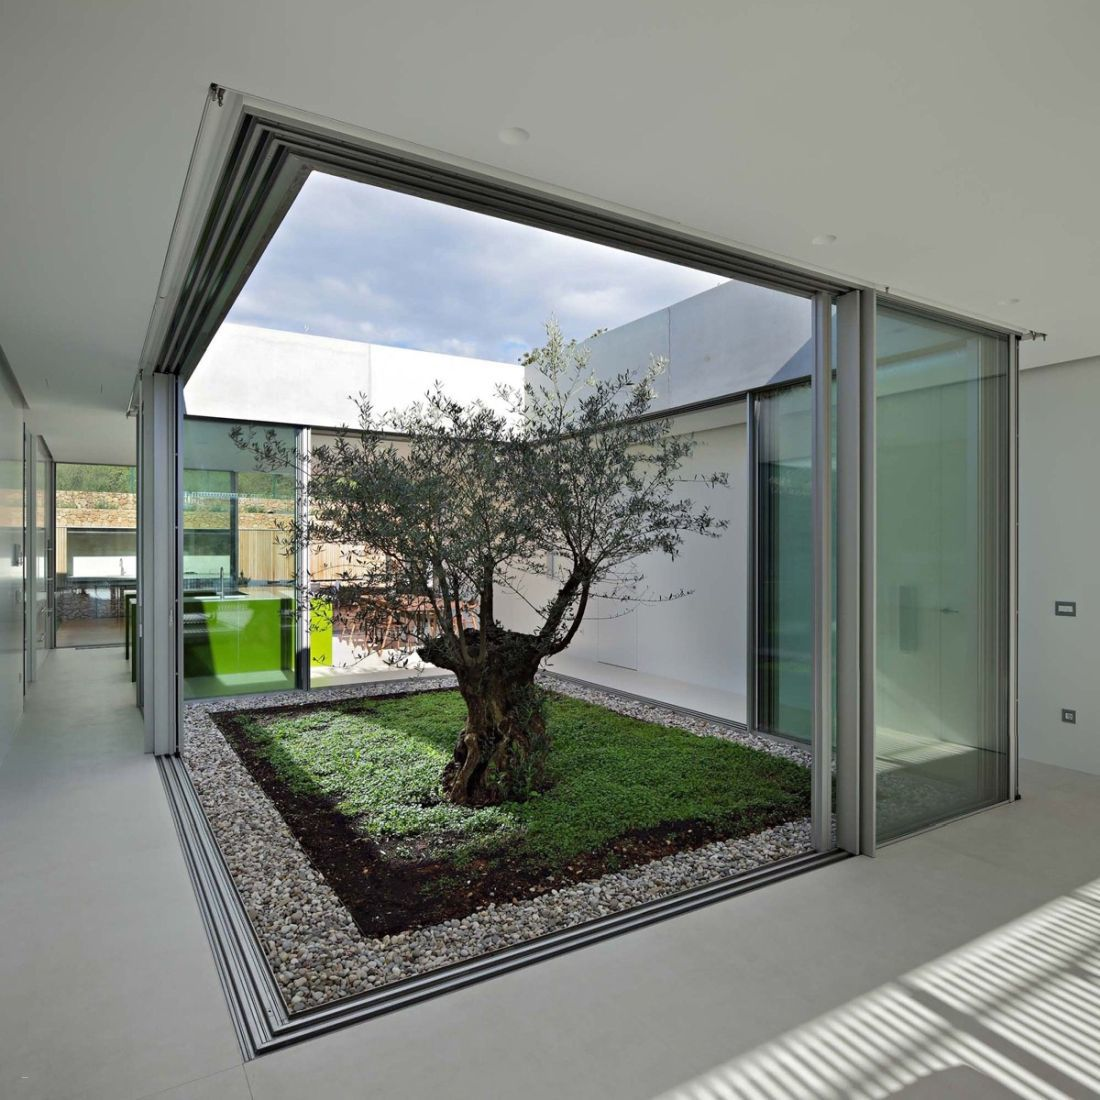 A fa köré épített ház - Ez lett a belső kert dísze